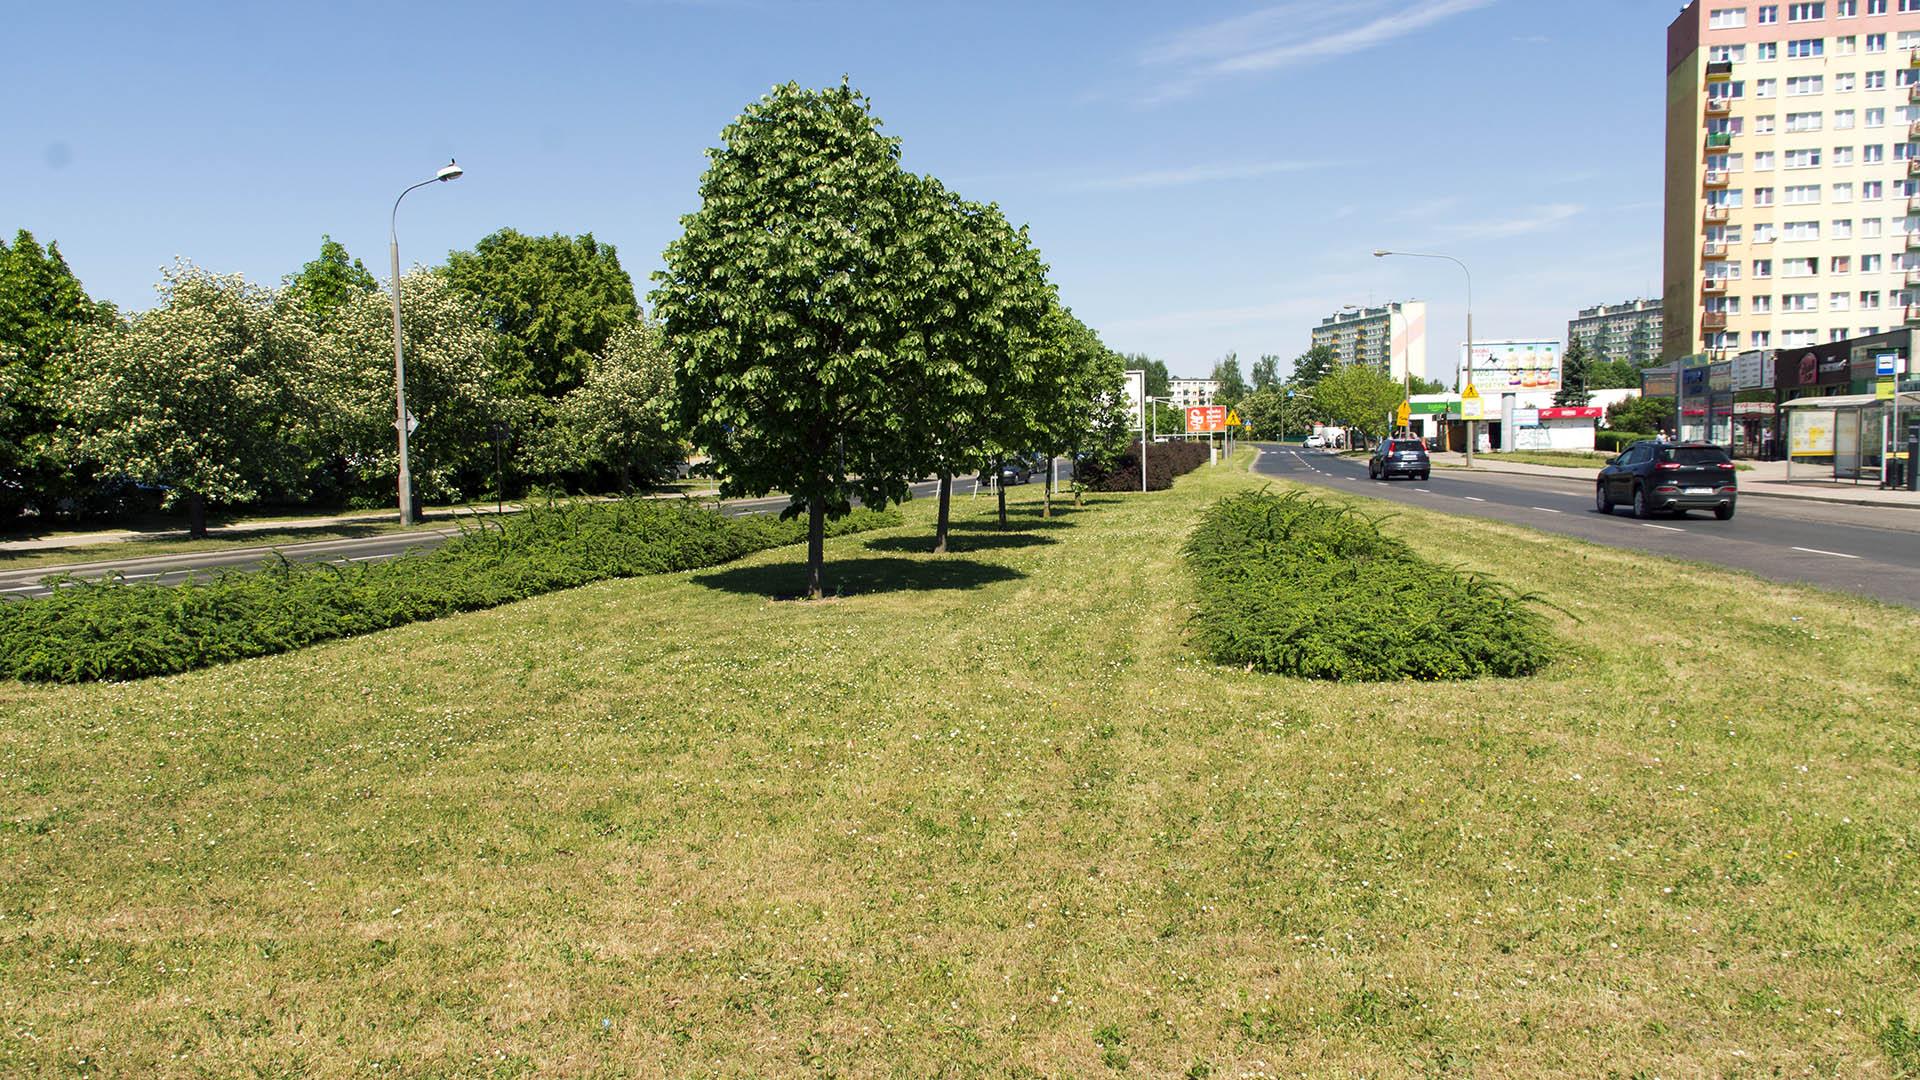 Ulica Dworcowa przy placu Inwalidów Wojennych